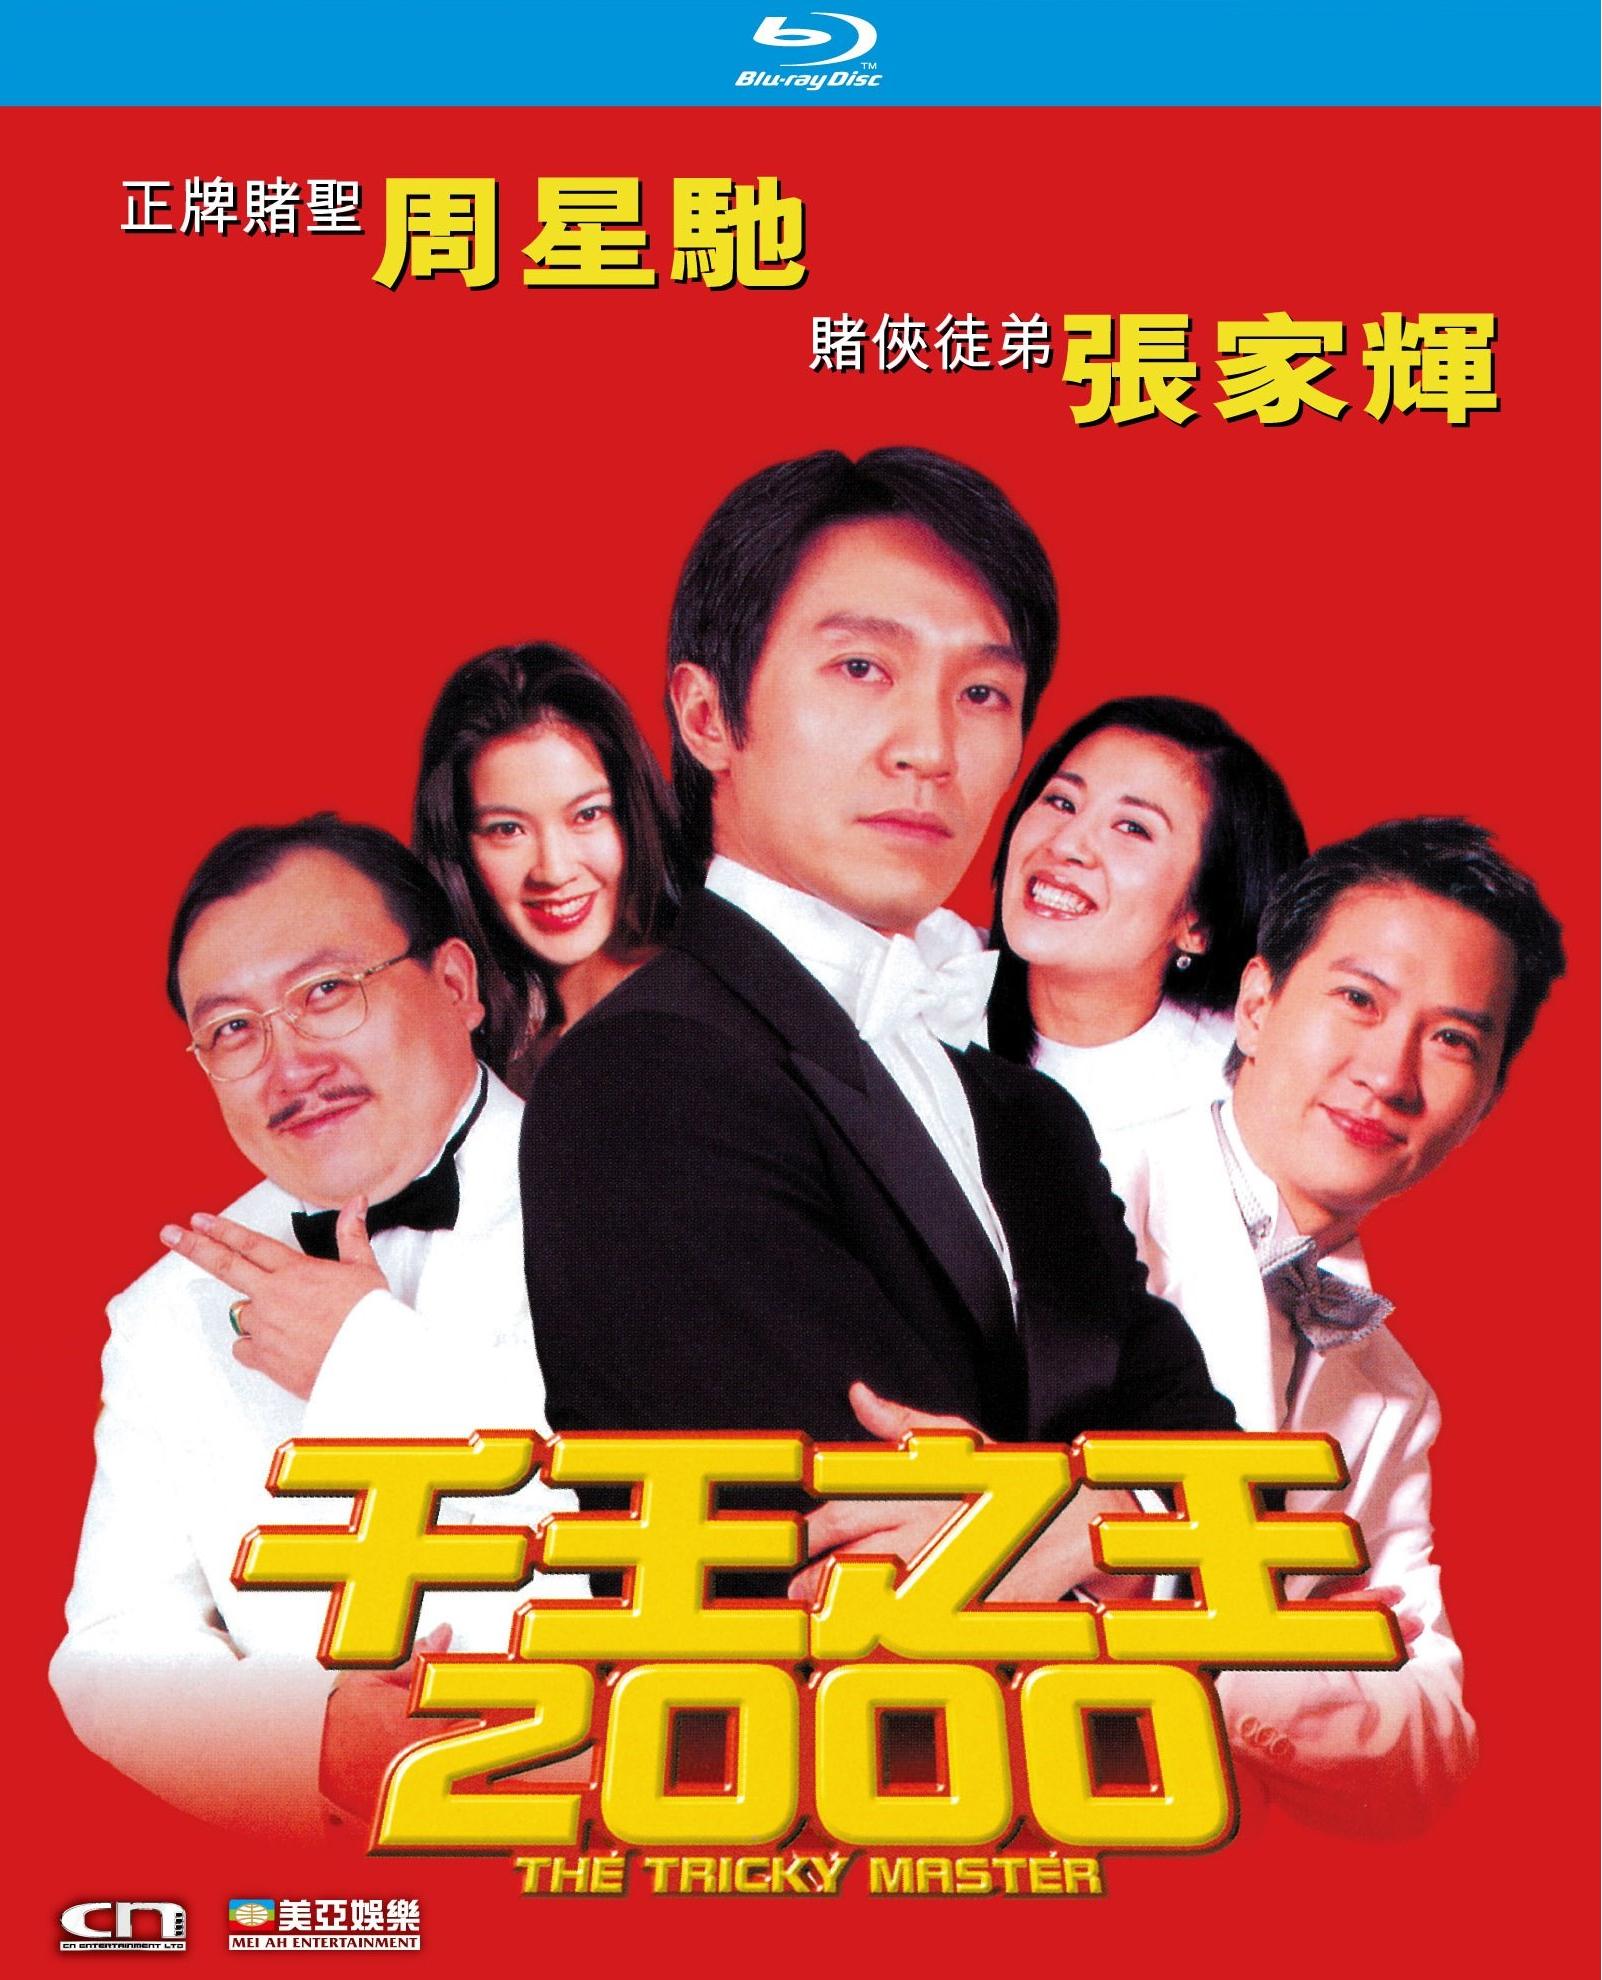 千王之王2000 國粵雙語 原盤繁簡英SUP字幕 The Tricky Master 1999 BluRay 1080p 2Audio TrueHD 5.1 x265.10bit-BeiTai